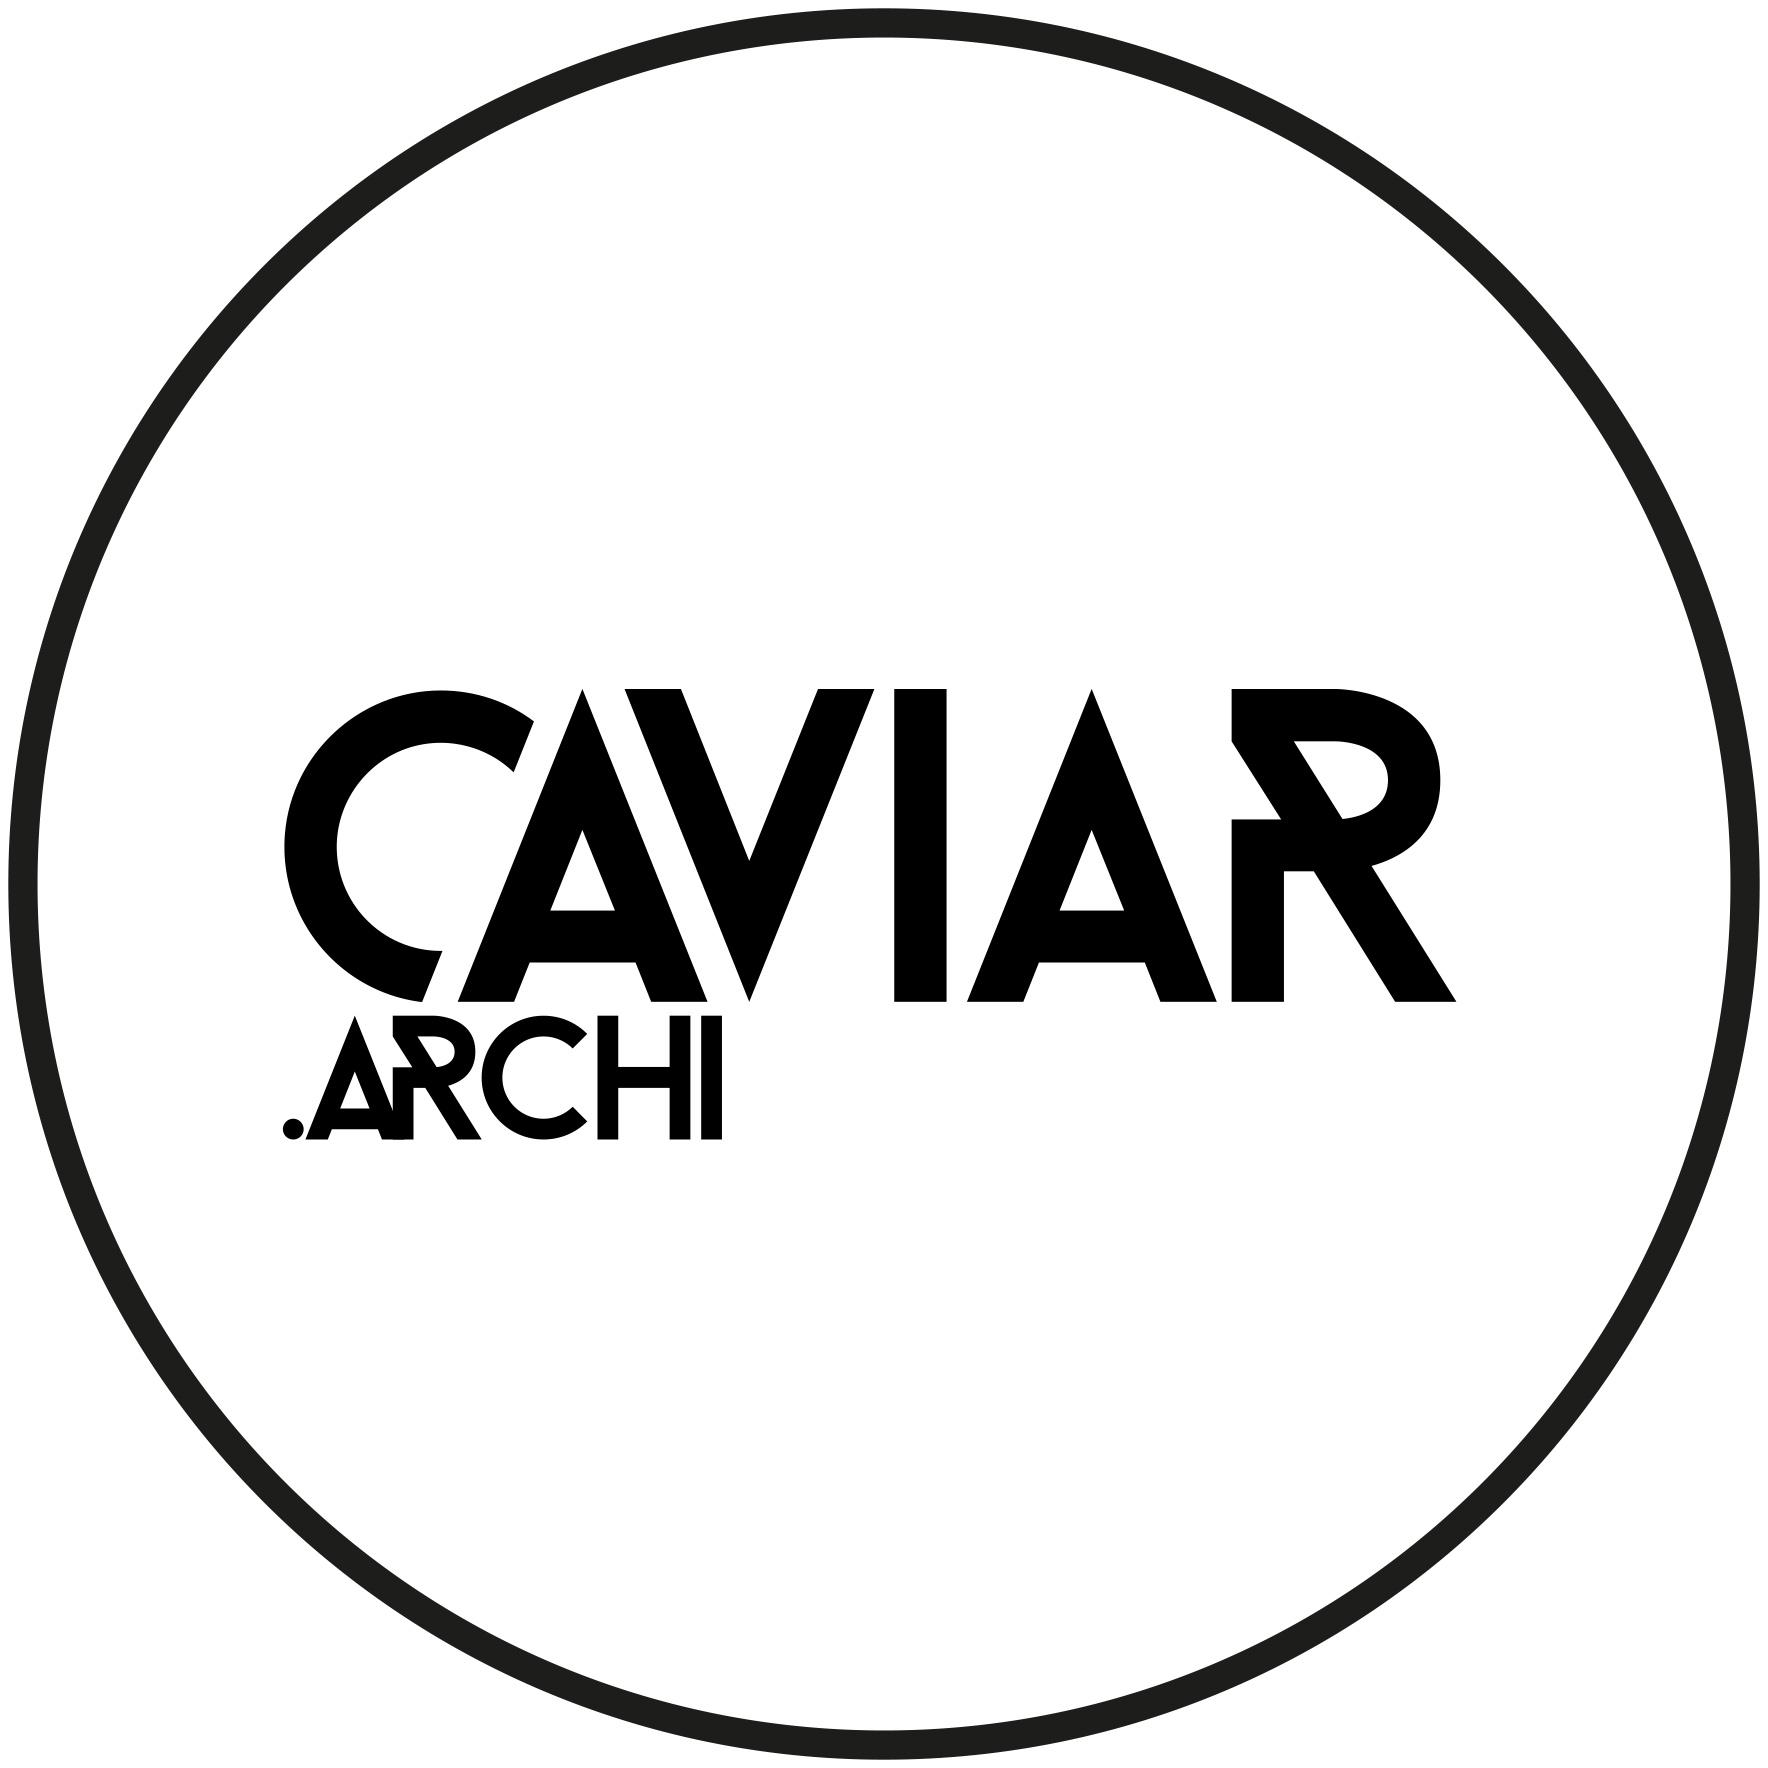 caviar.archi